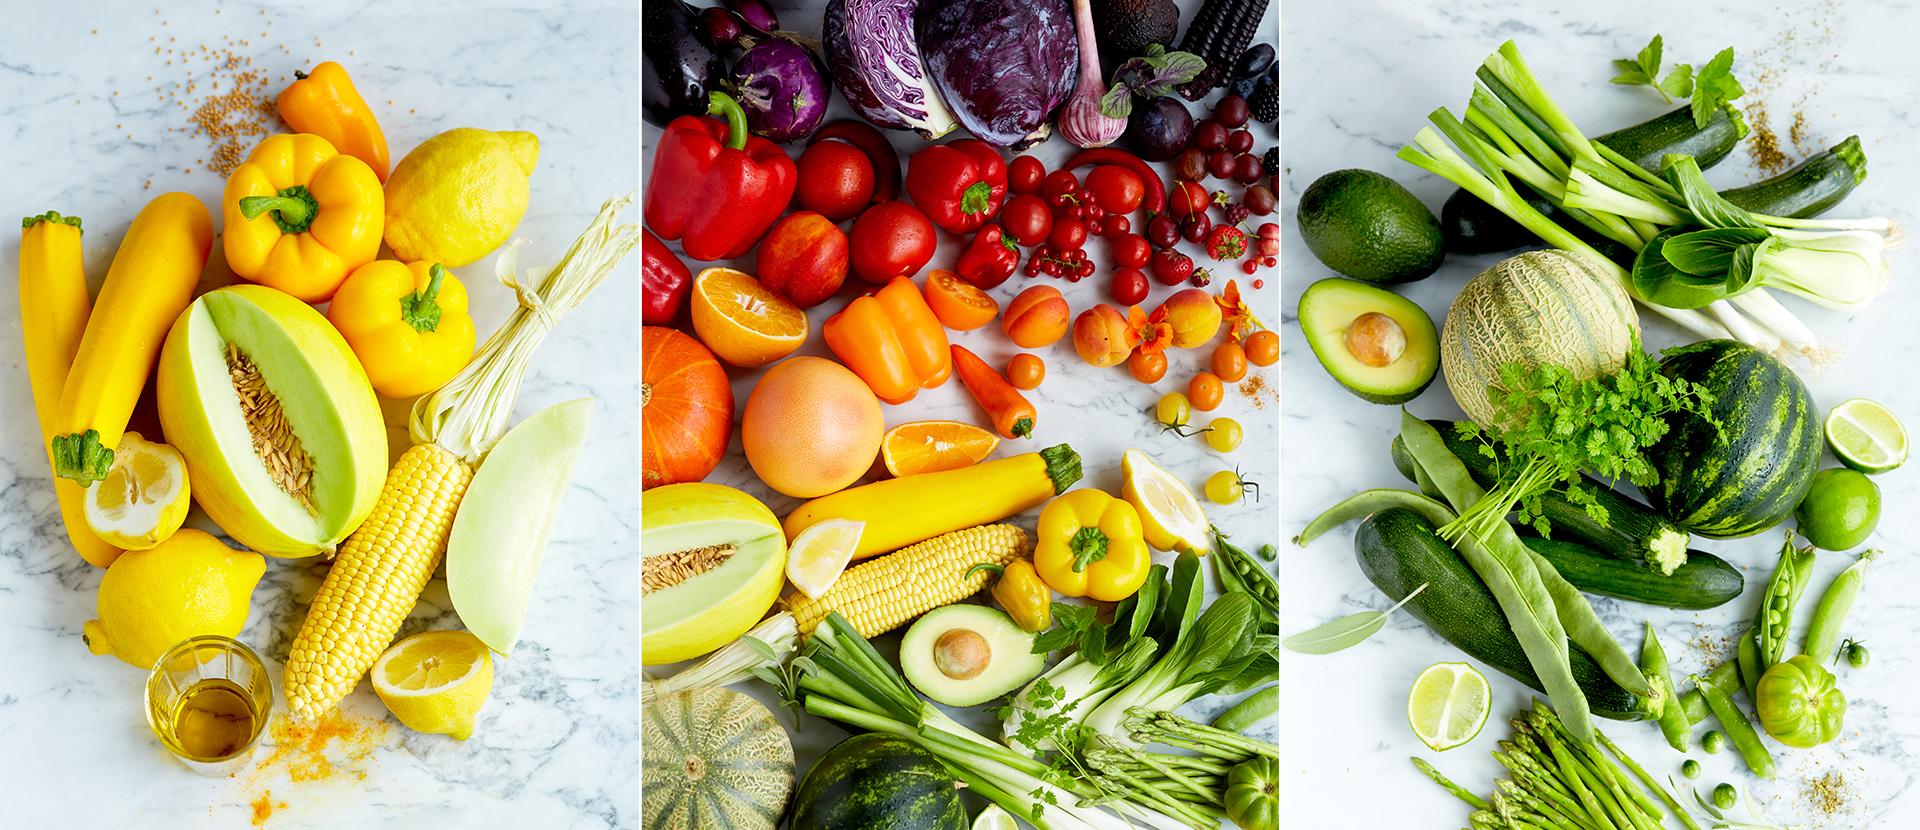 Rainbow-Food - Obst und Gemuesesorten in Regenbogen-Farben angeordnet